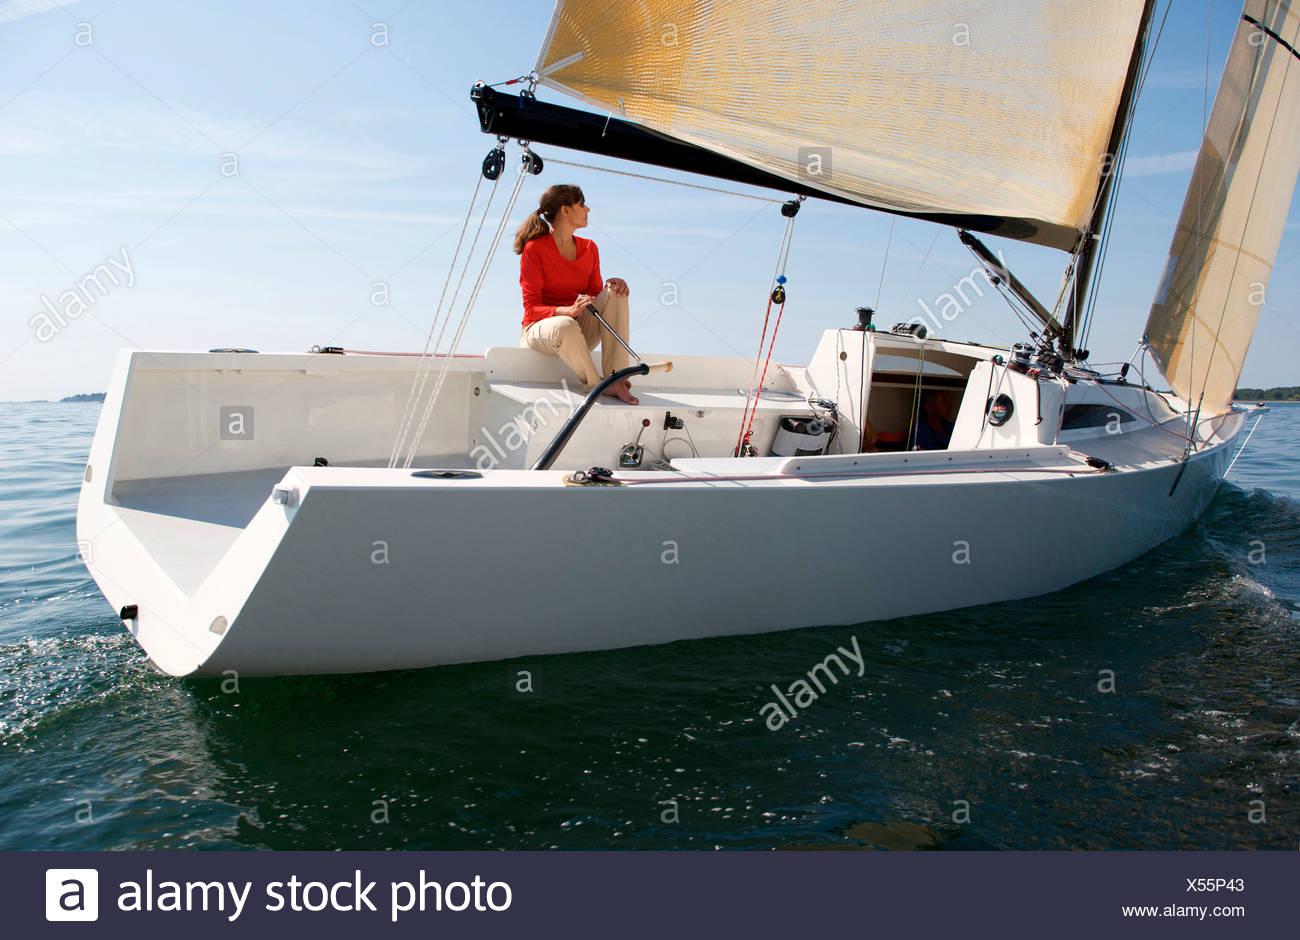 Una donna godendo una giornata di sole a bordo di un daysailer sul Casco Bay, Maine. Immagini Stock